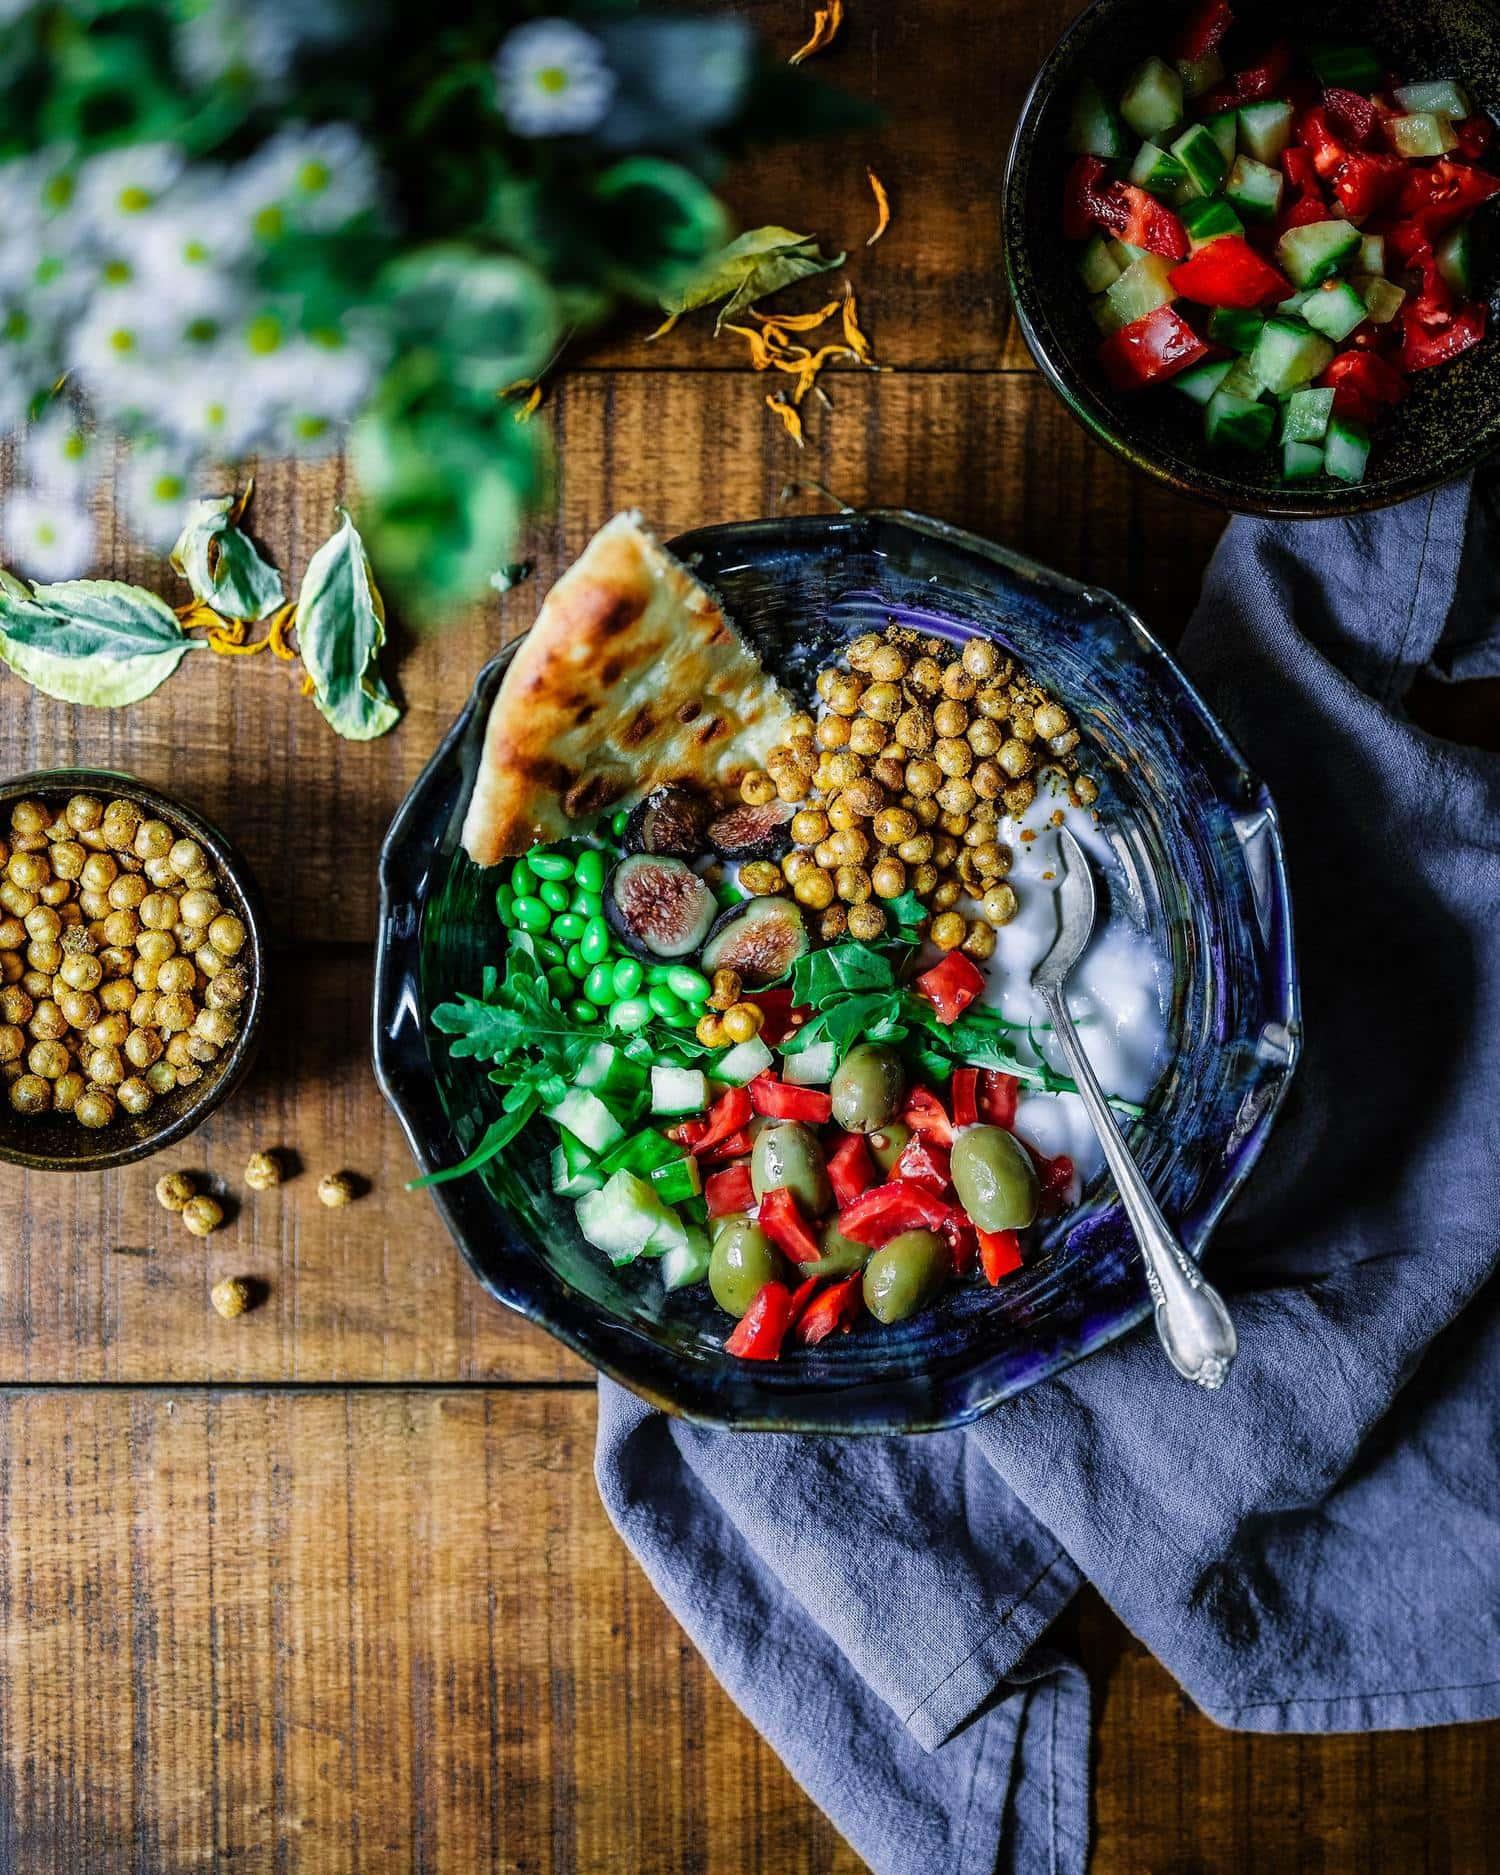 Fotografía gastronómica sobre fondo de madera